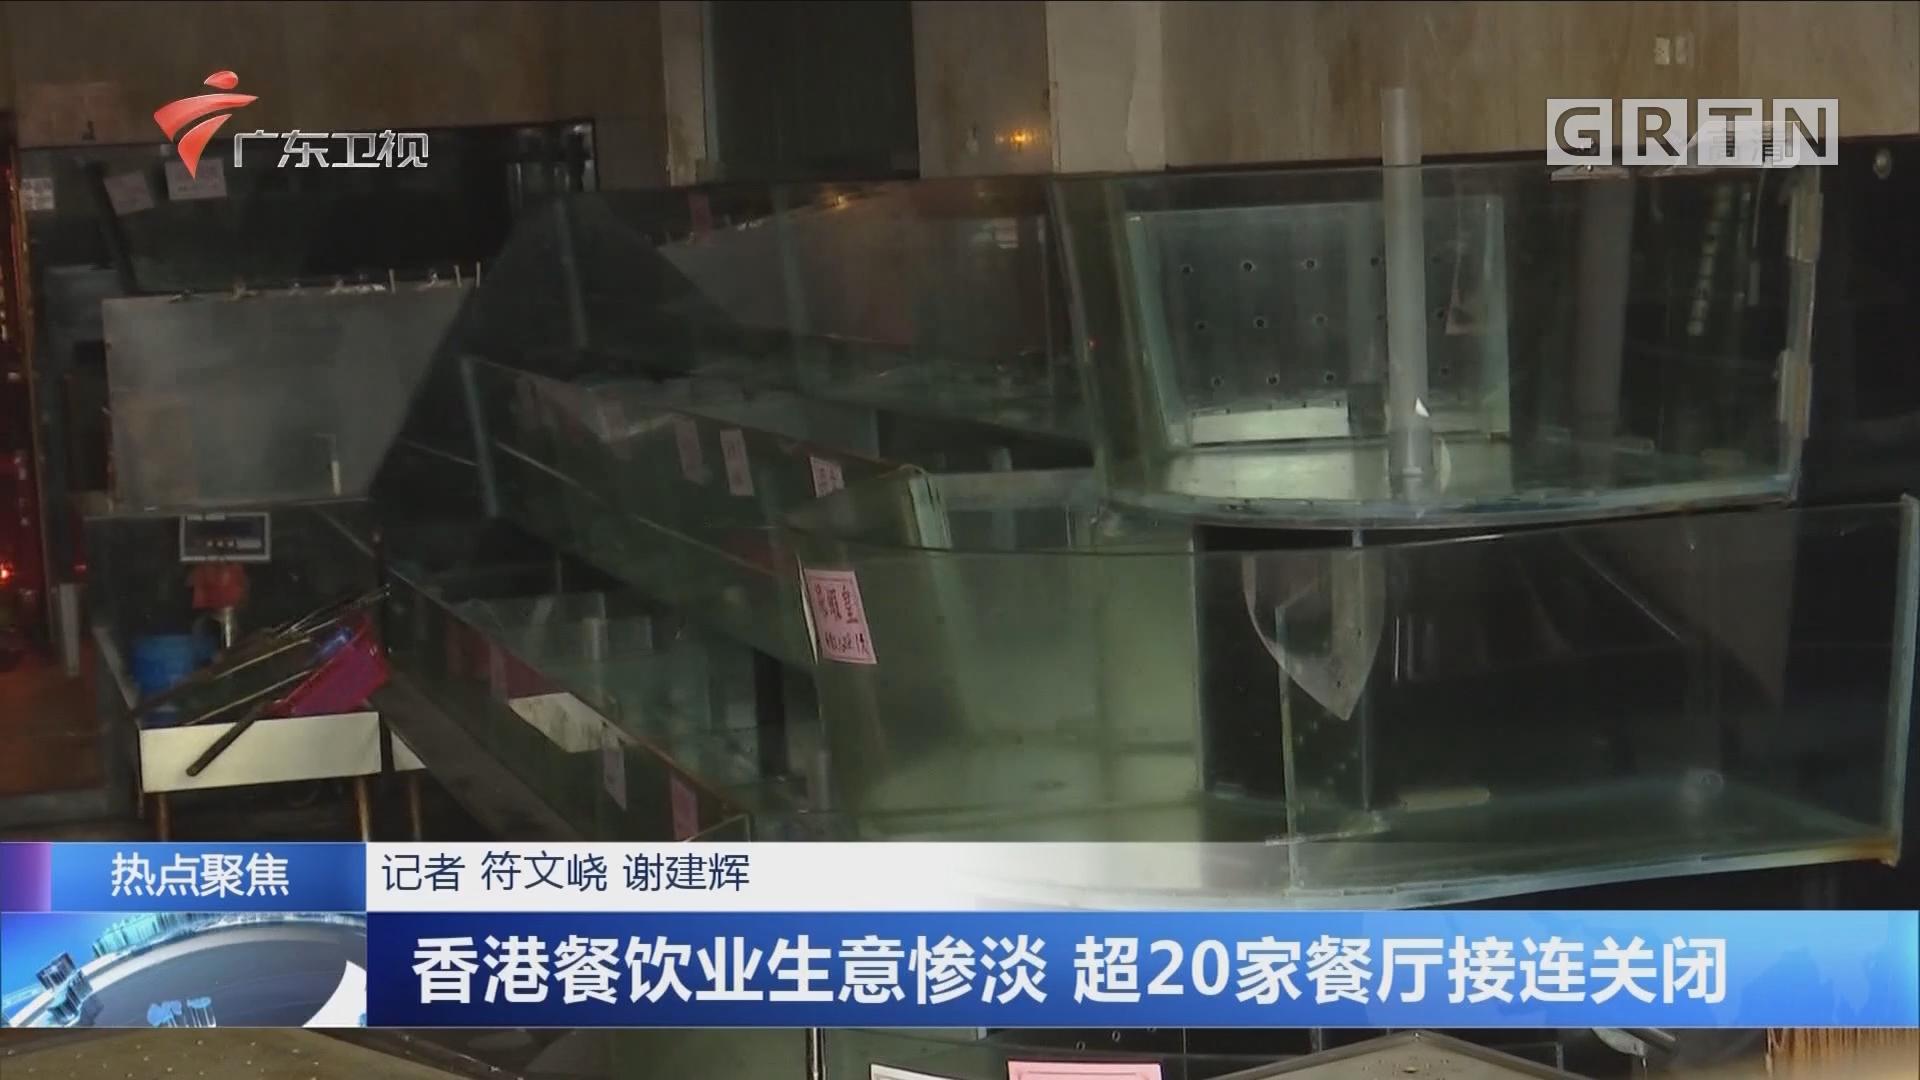 香港餐饮业生意惨淡 超20家餐厅接连关闭